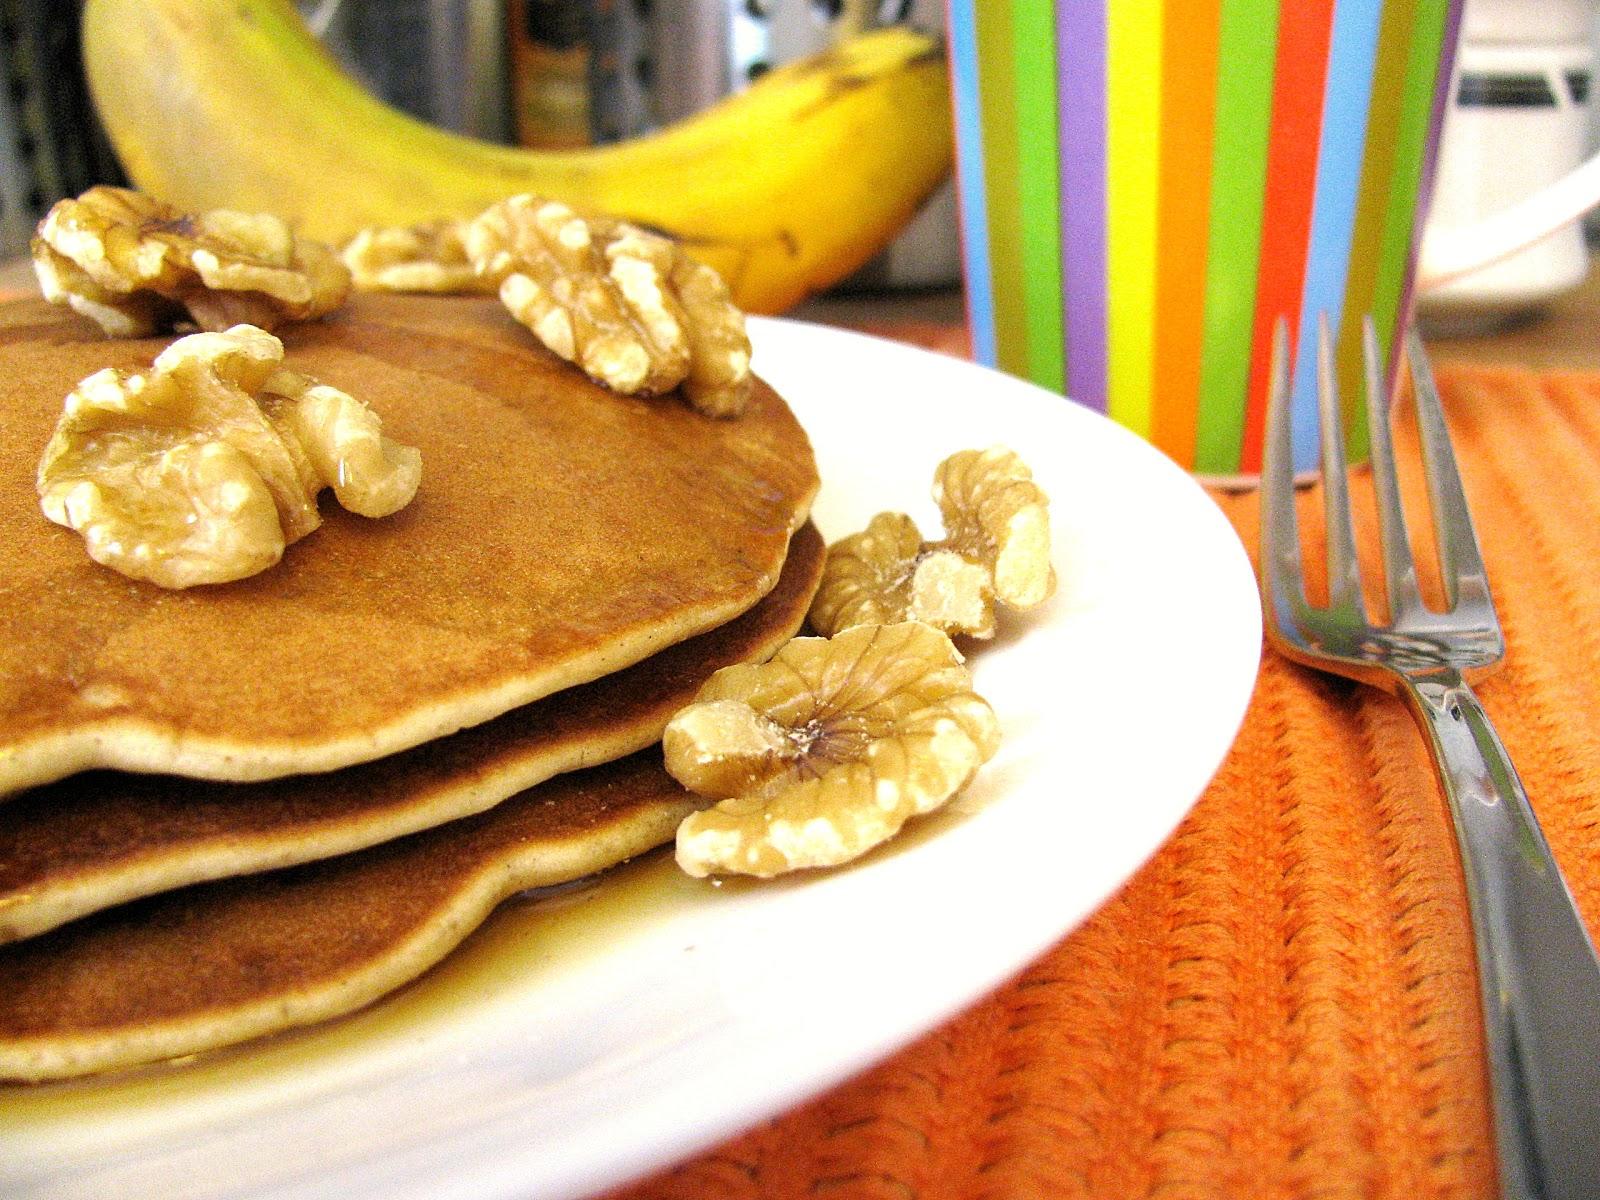 pancakes à la banane sans gluten/gluten free banana pancakes